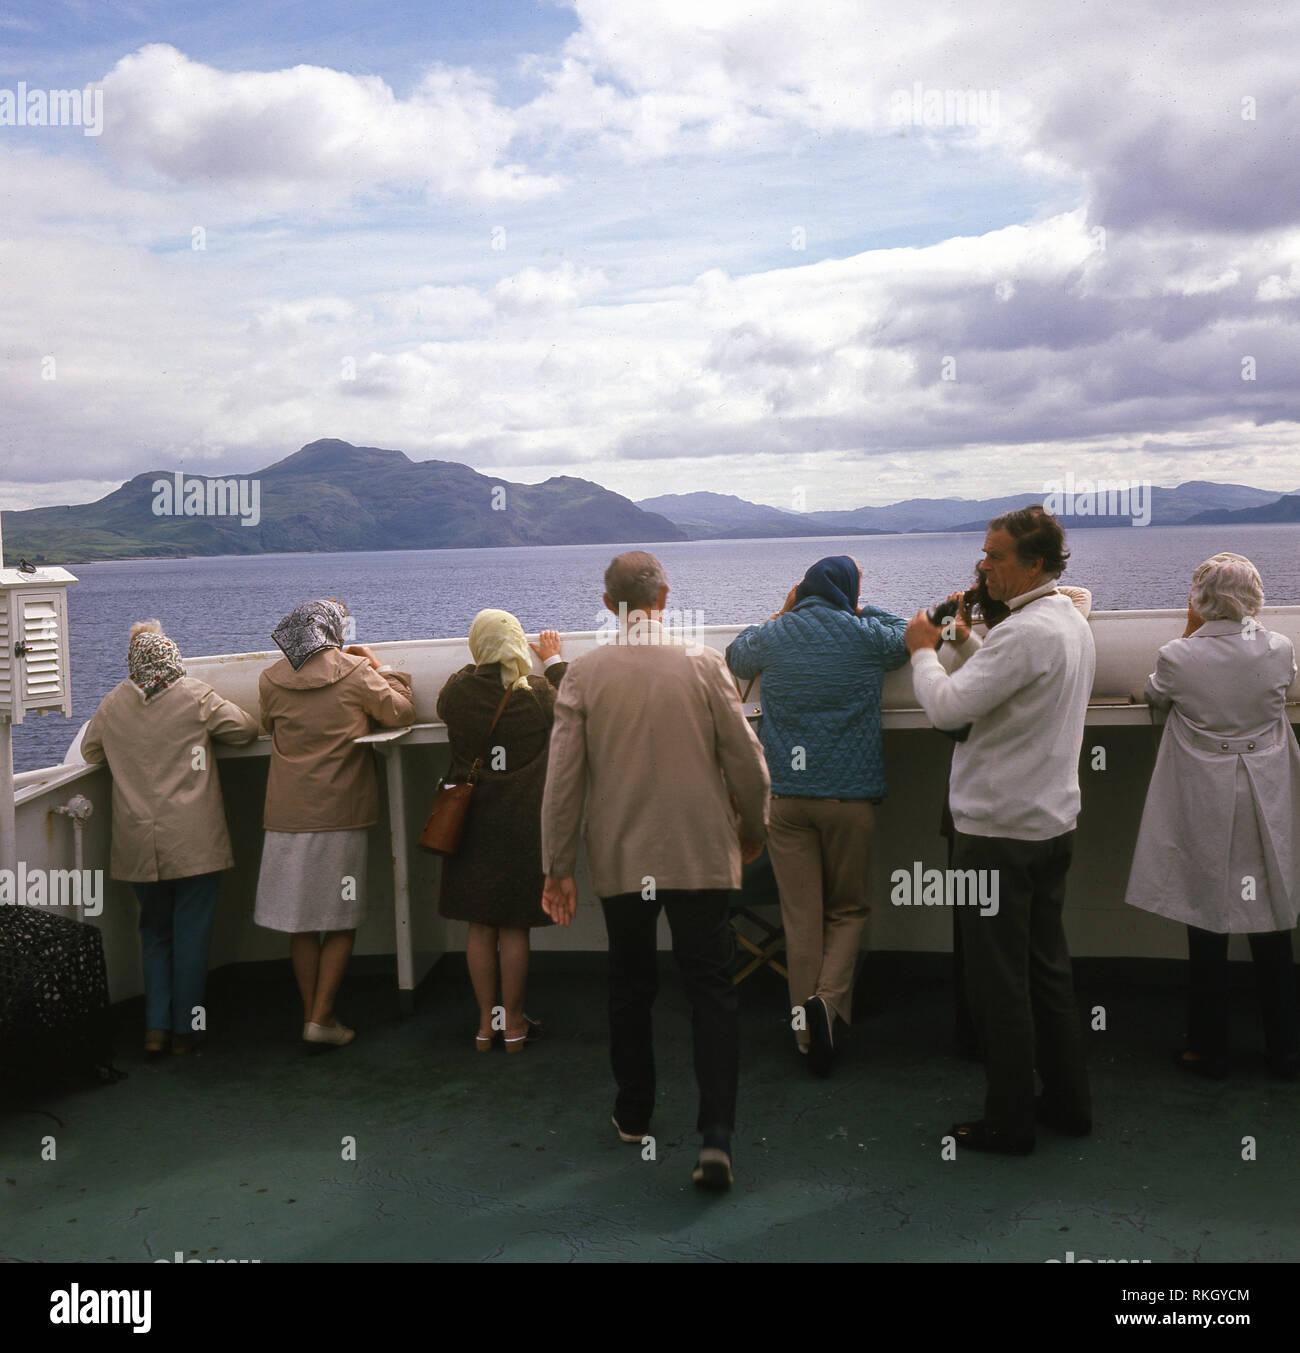 Anni sessanta, diurno e passeggeri su un traghetto a guardare il suono di Mull, un suono ( un oceano canale) tra la parte interna delle Ebridi Isola di Mull e Scozia. Il suono è parte dell'Oceano Atlantico sulla costa ovest della Scozia, Immagini Stock